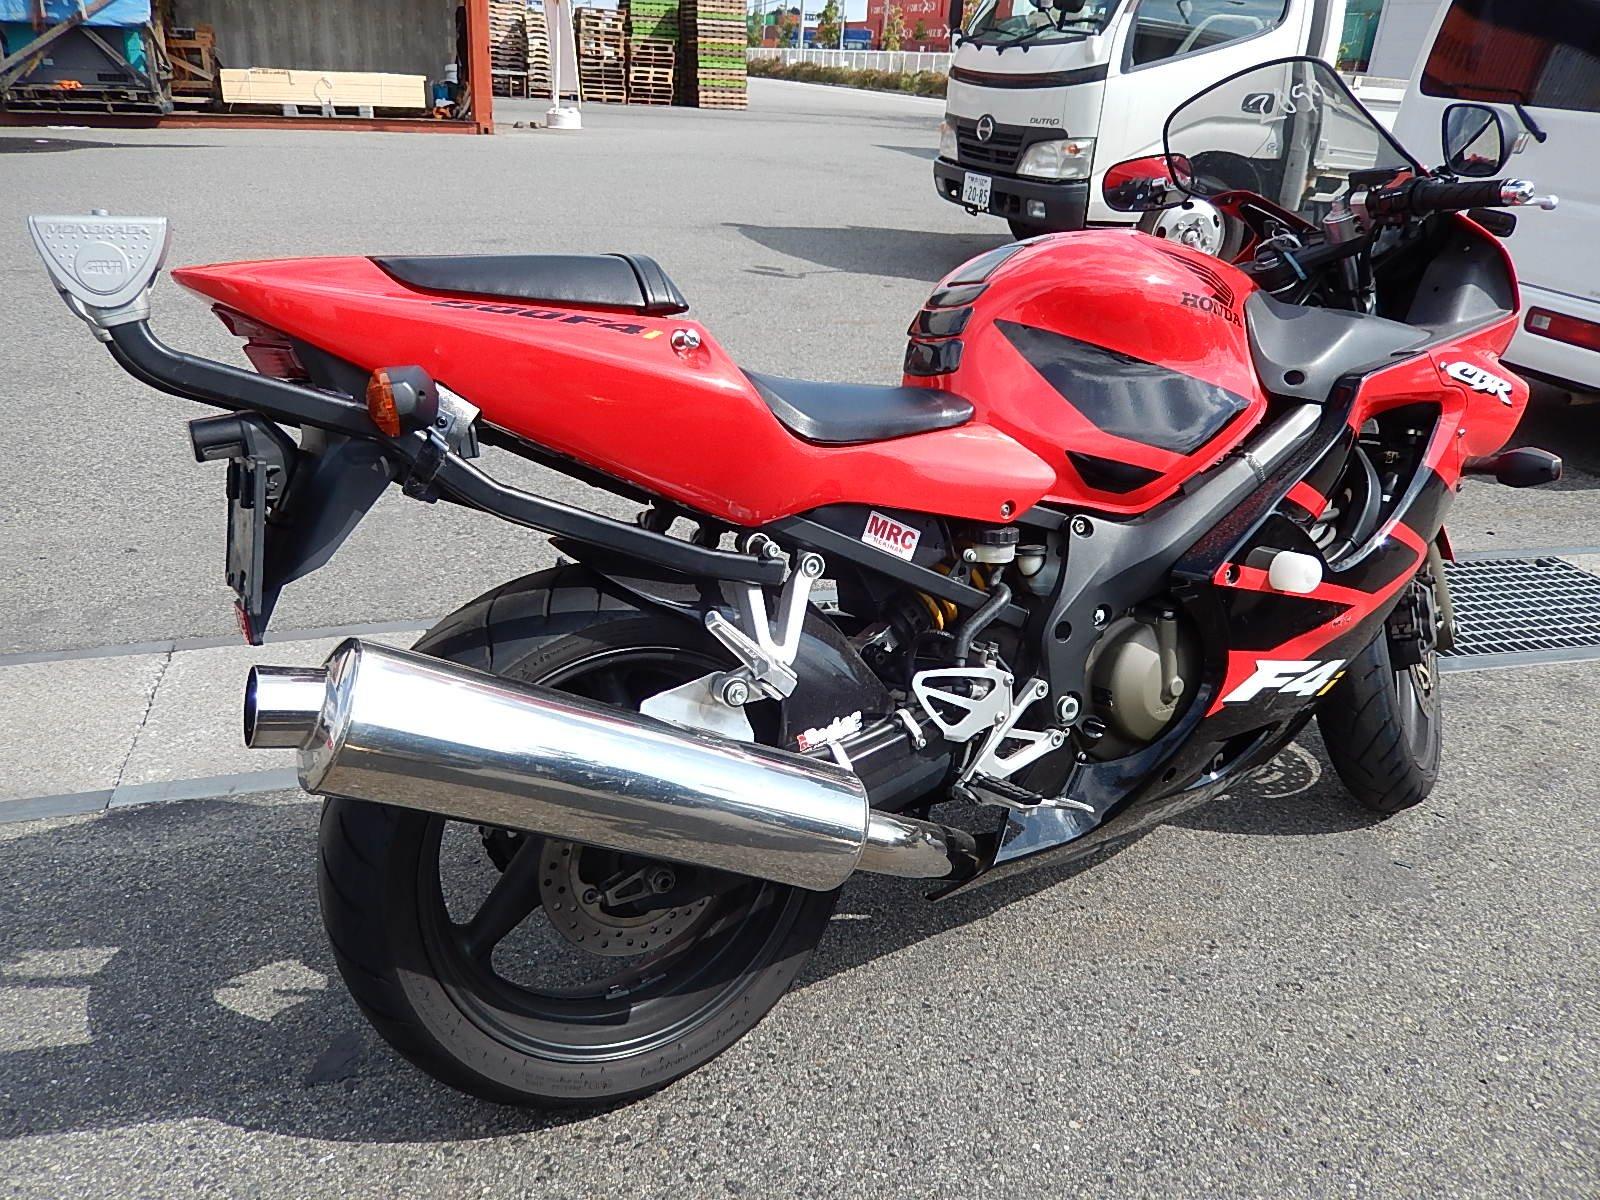 Honda CBR 600 f4, фото